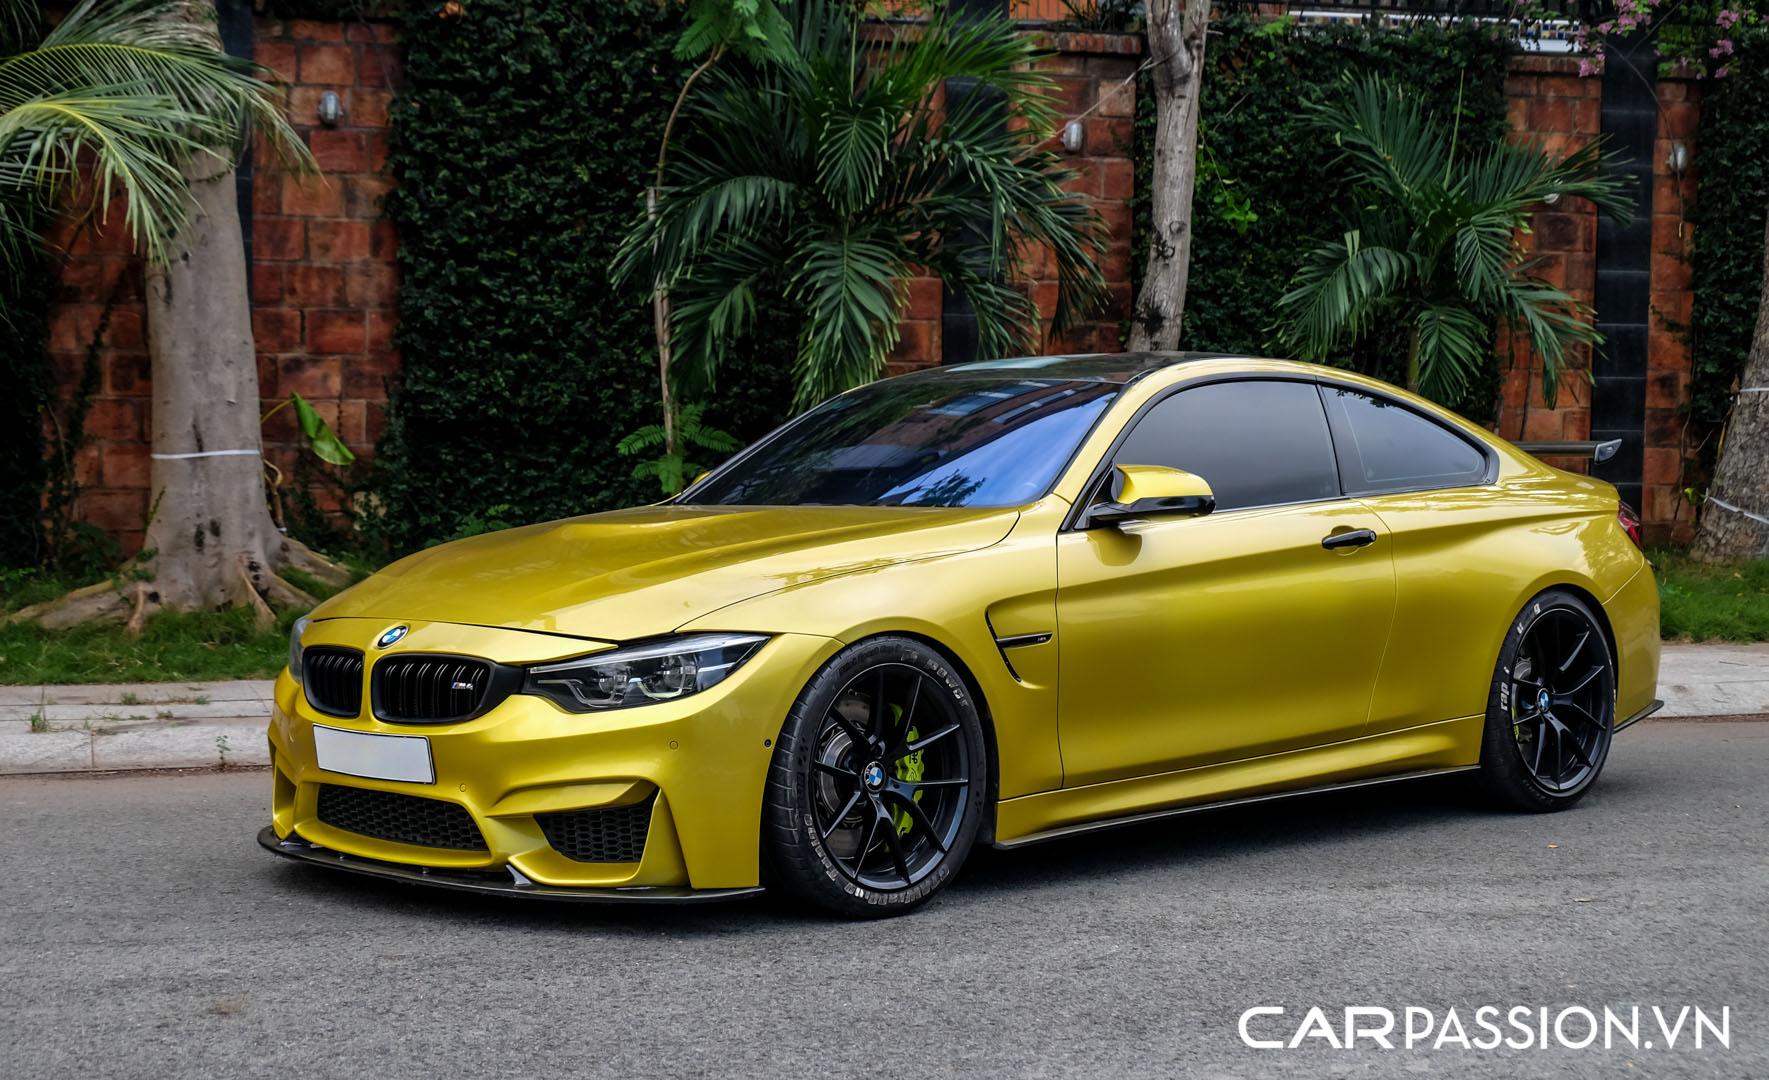 CP-BMW M4 F8 được rao bán (14).jpg